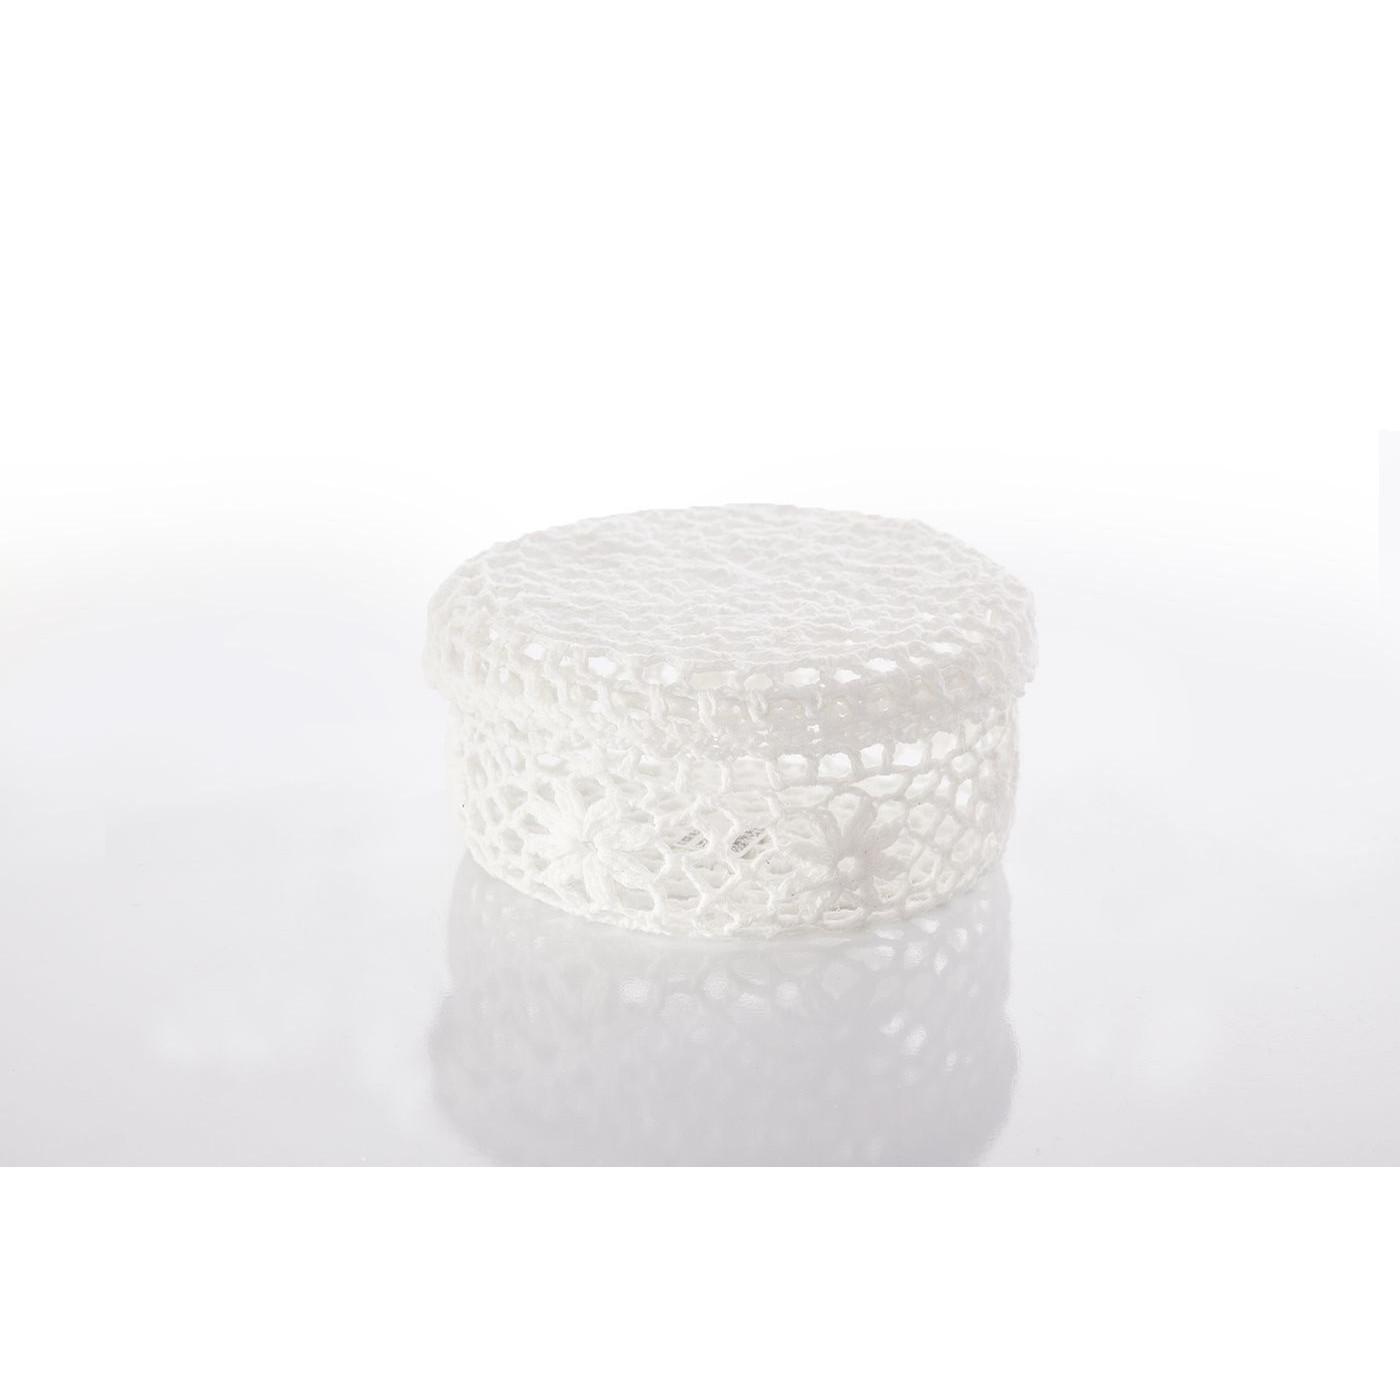 Koszyczek koronkowy 12 x 8 cm 100% bawełna